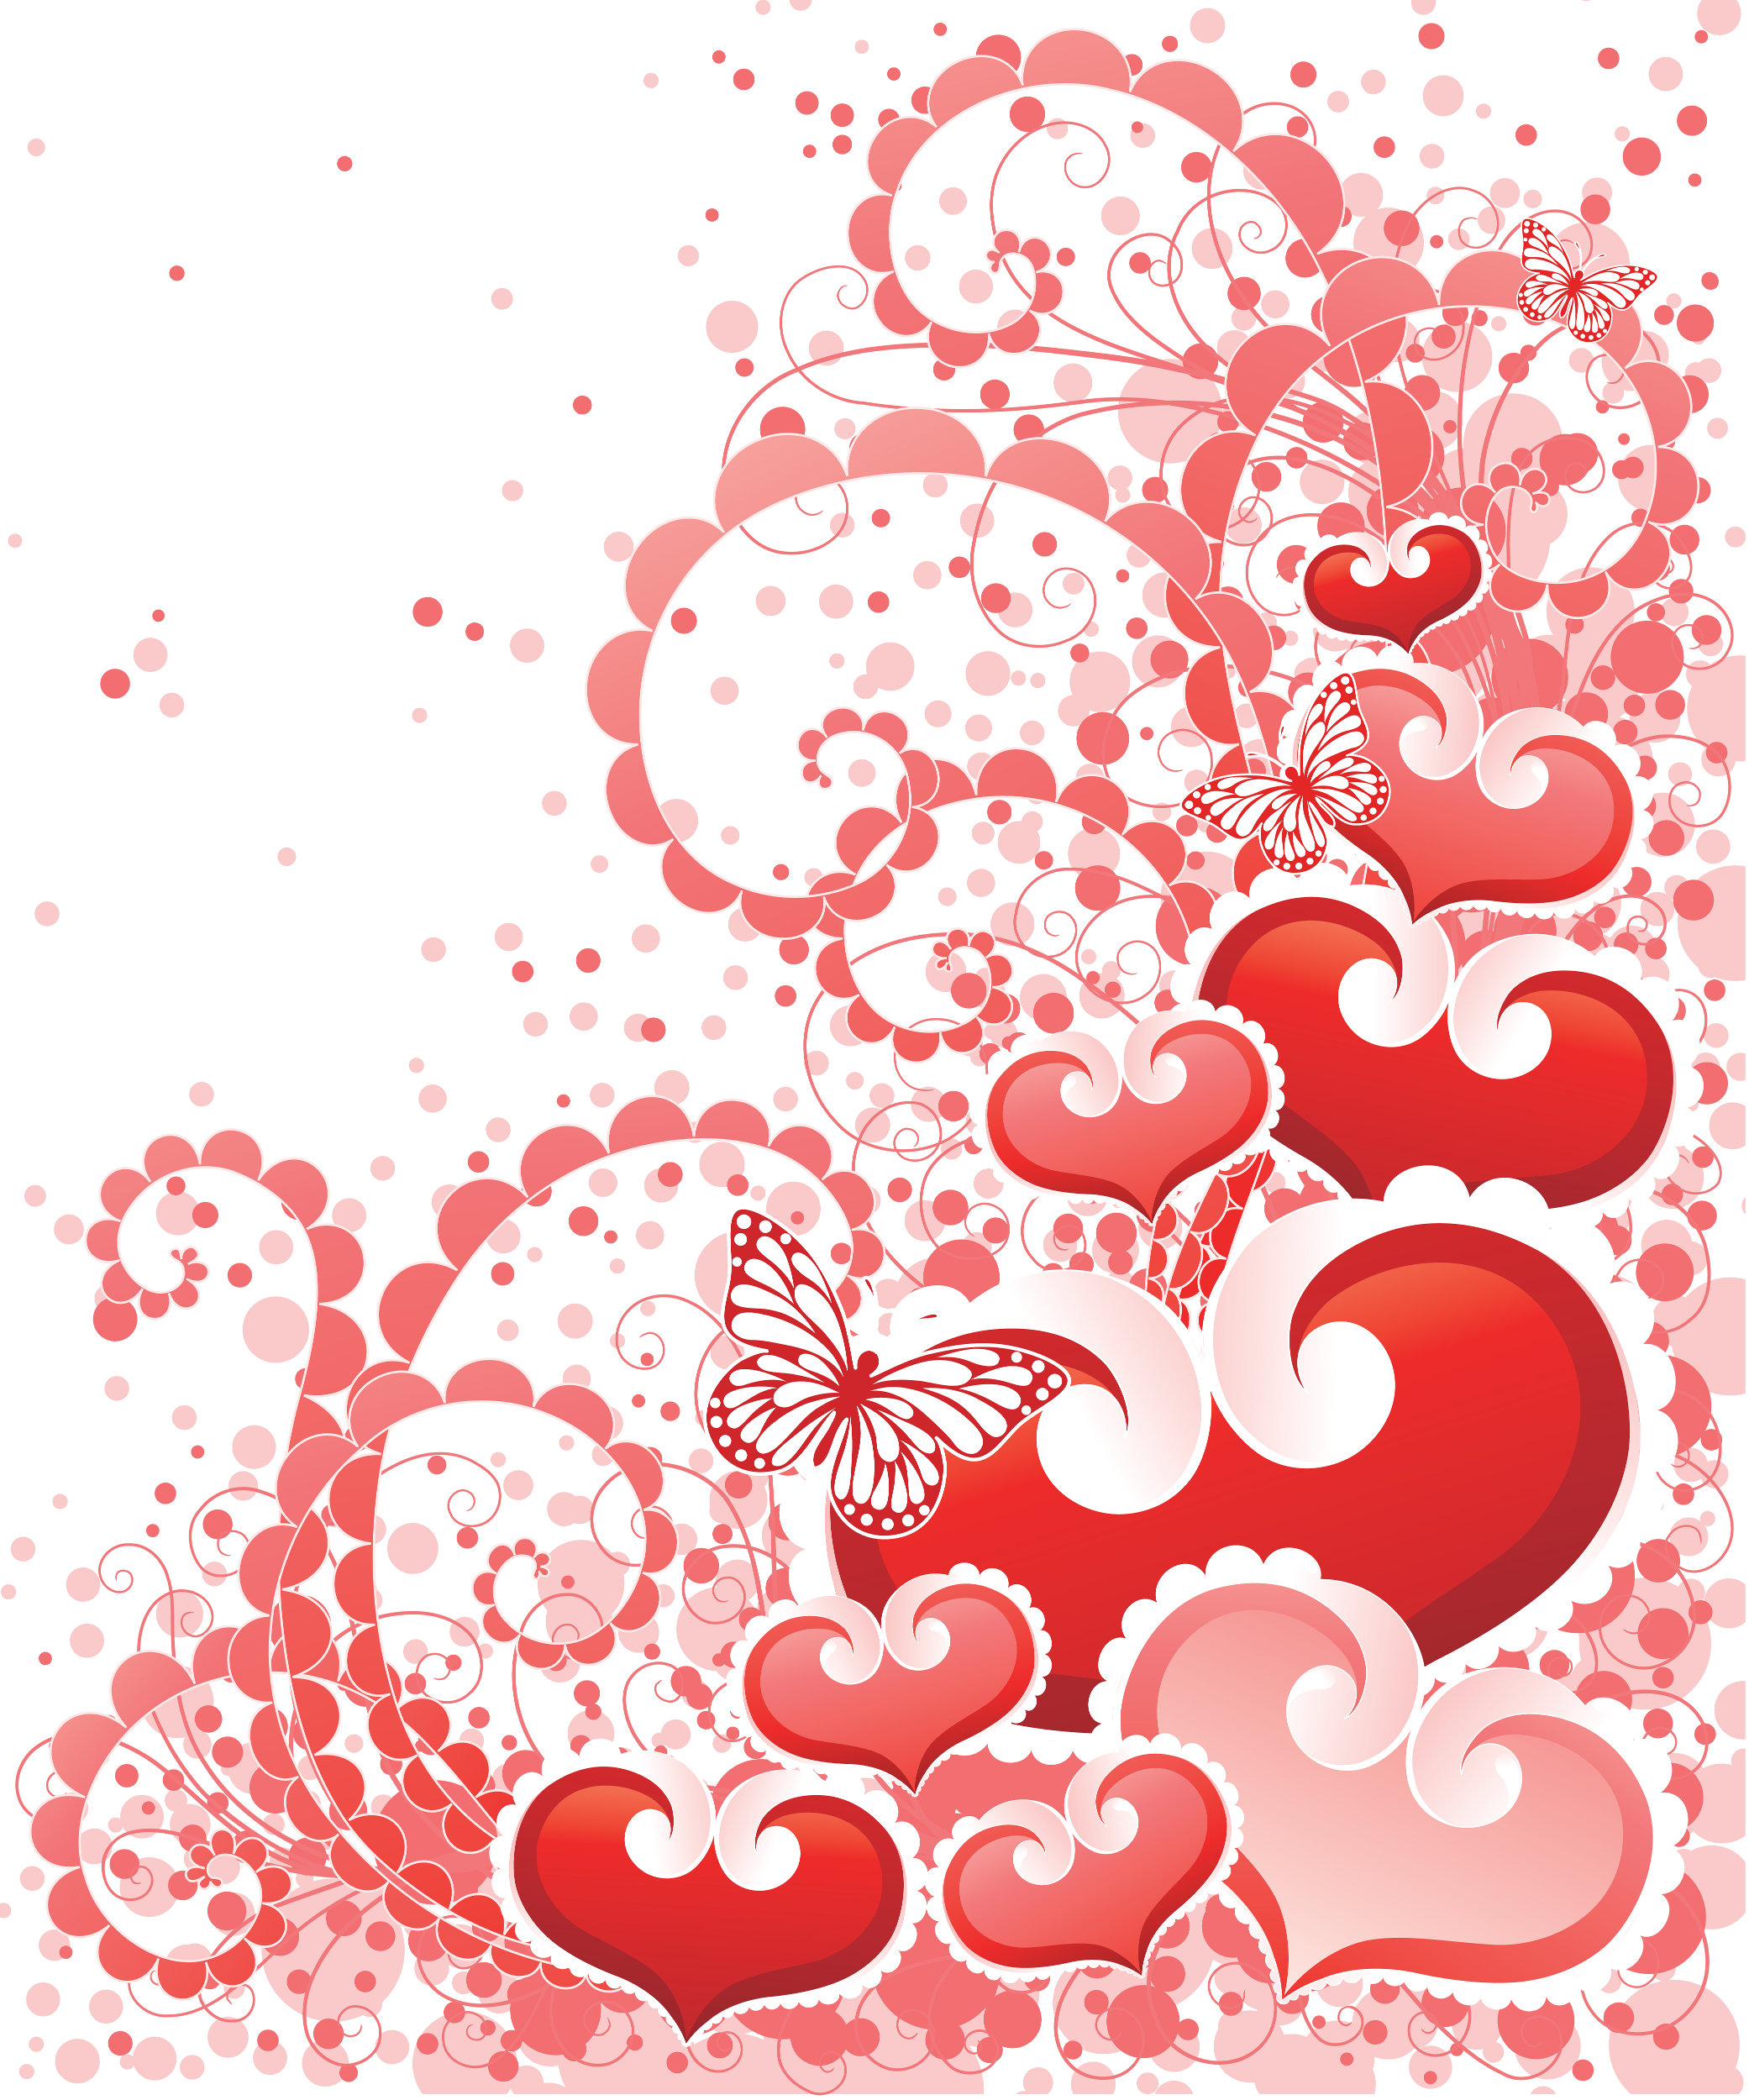 Tube de coeurs pour vos créations de la Saint Valentin ou d'amour